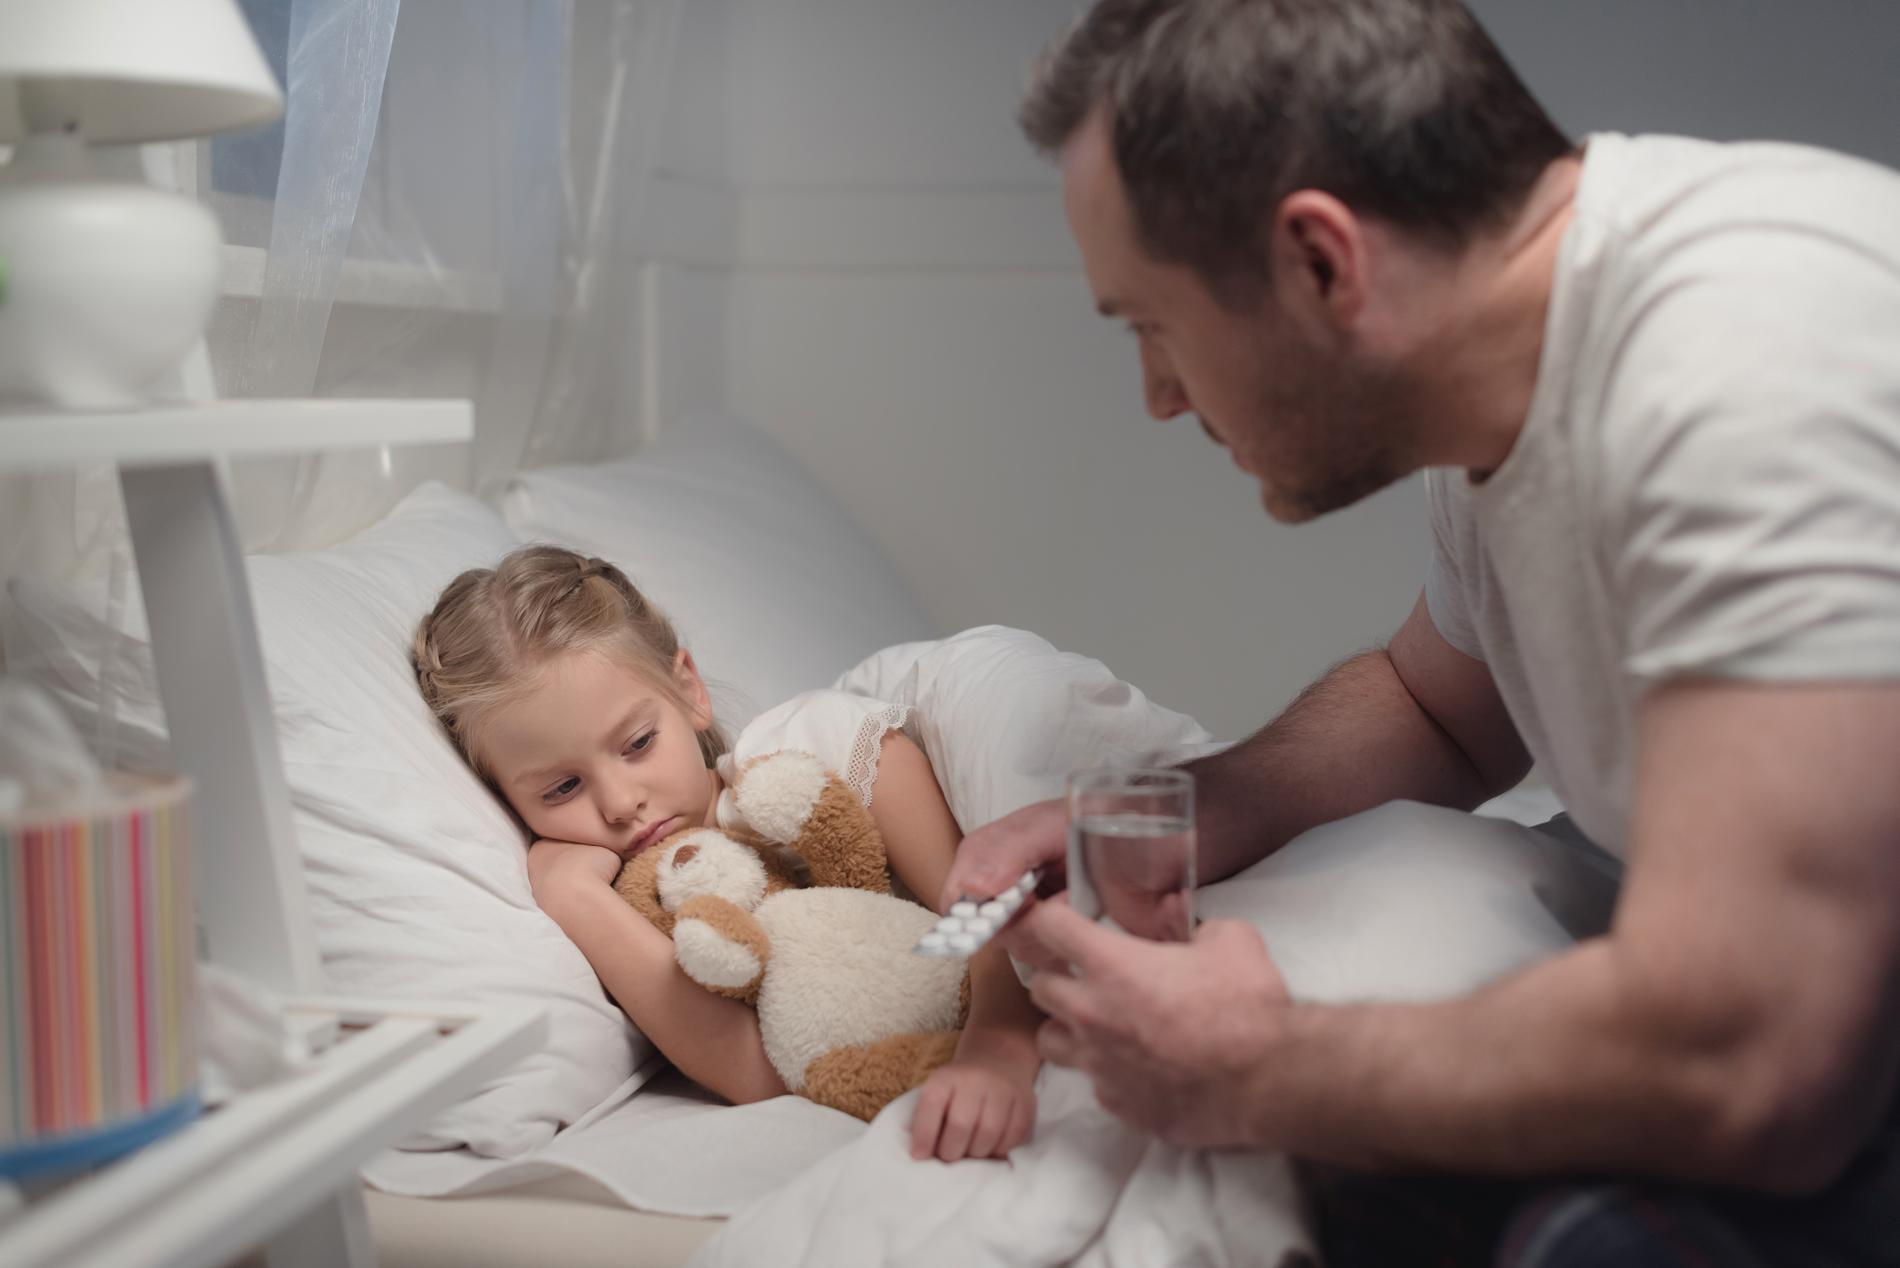 Vab: Tips och råd när du är hemma med sjukt barn.